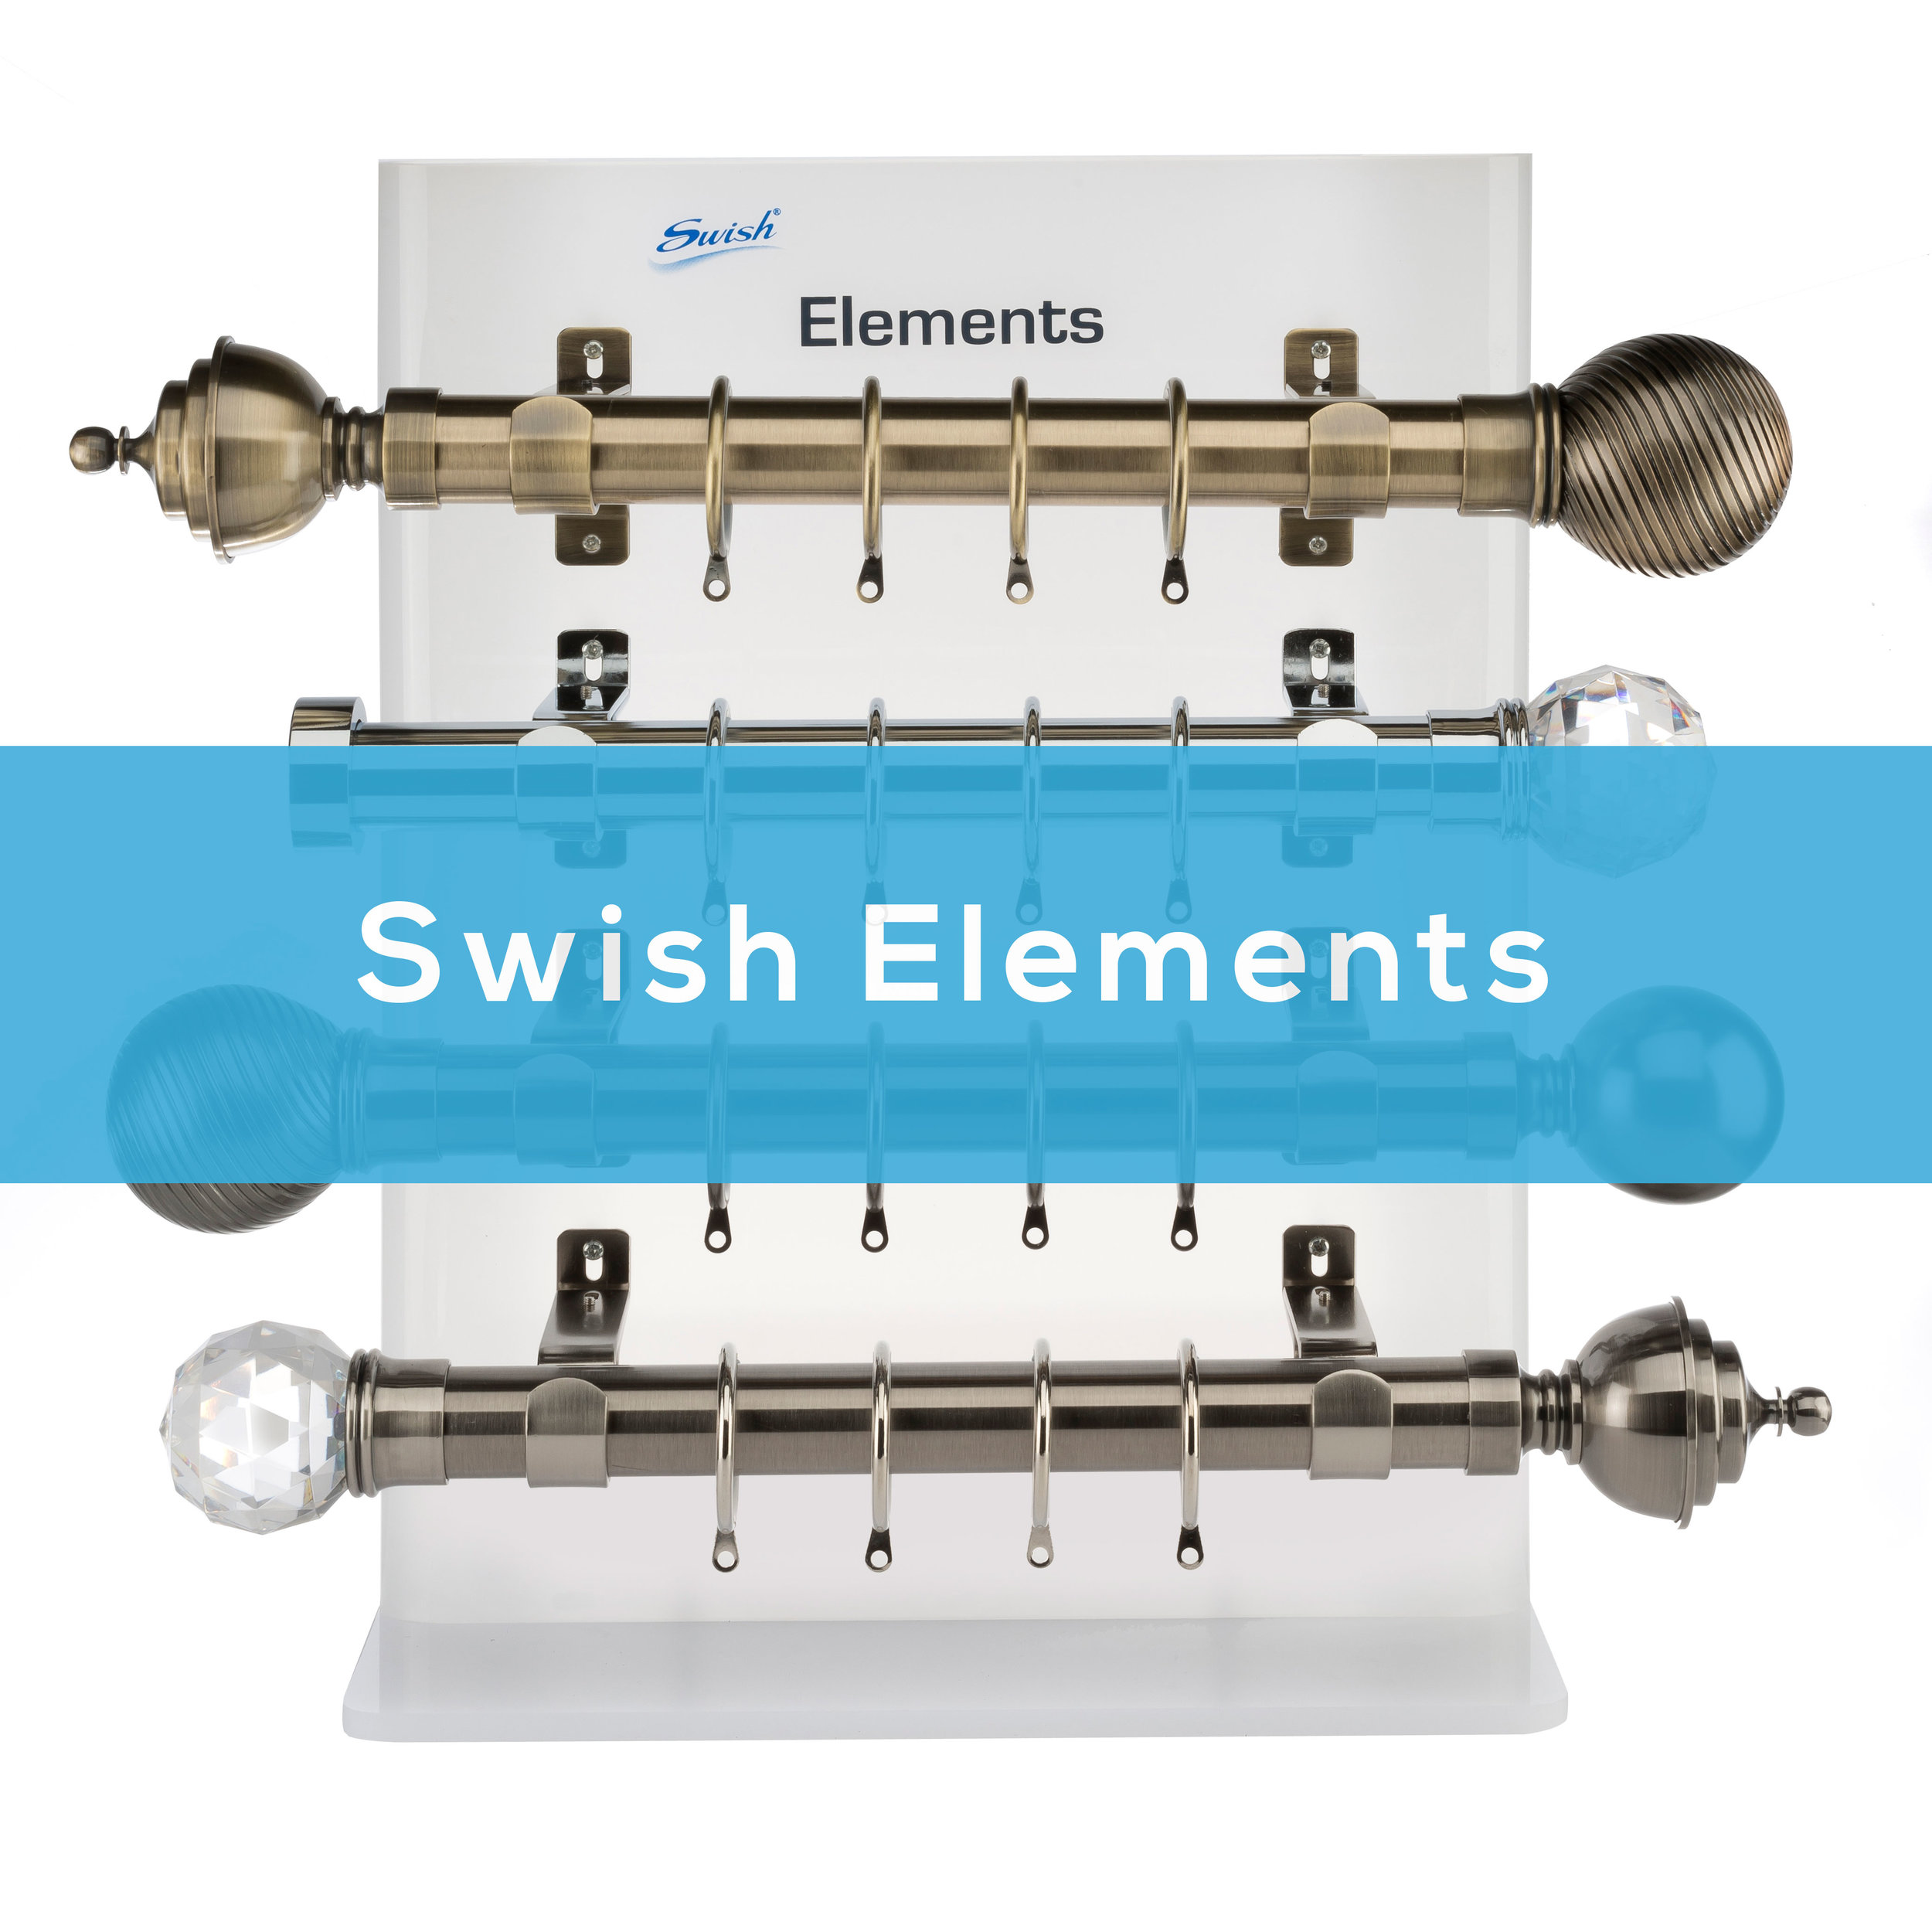 ElementsLink.jpg